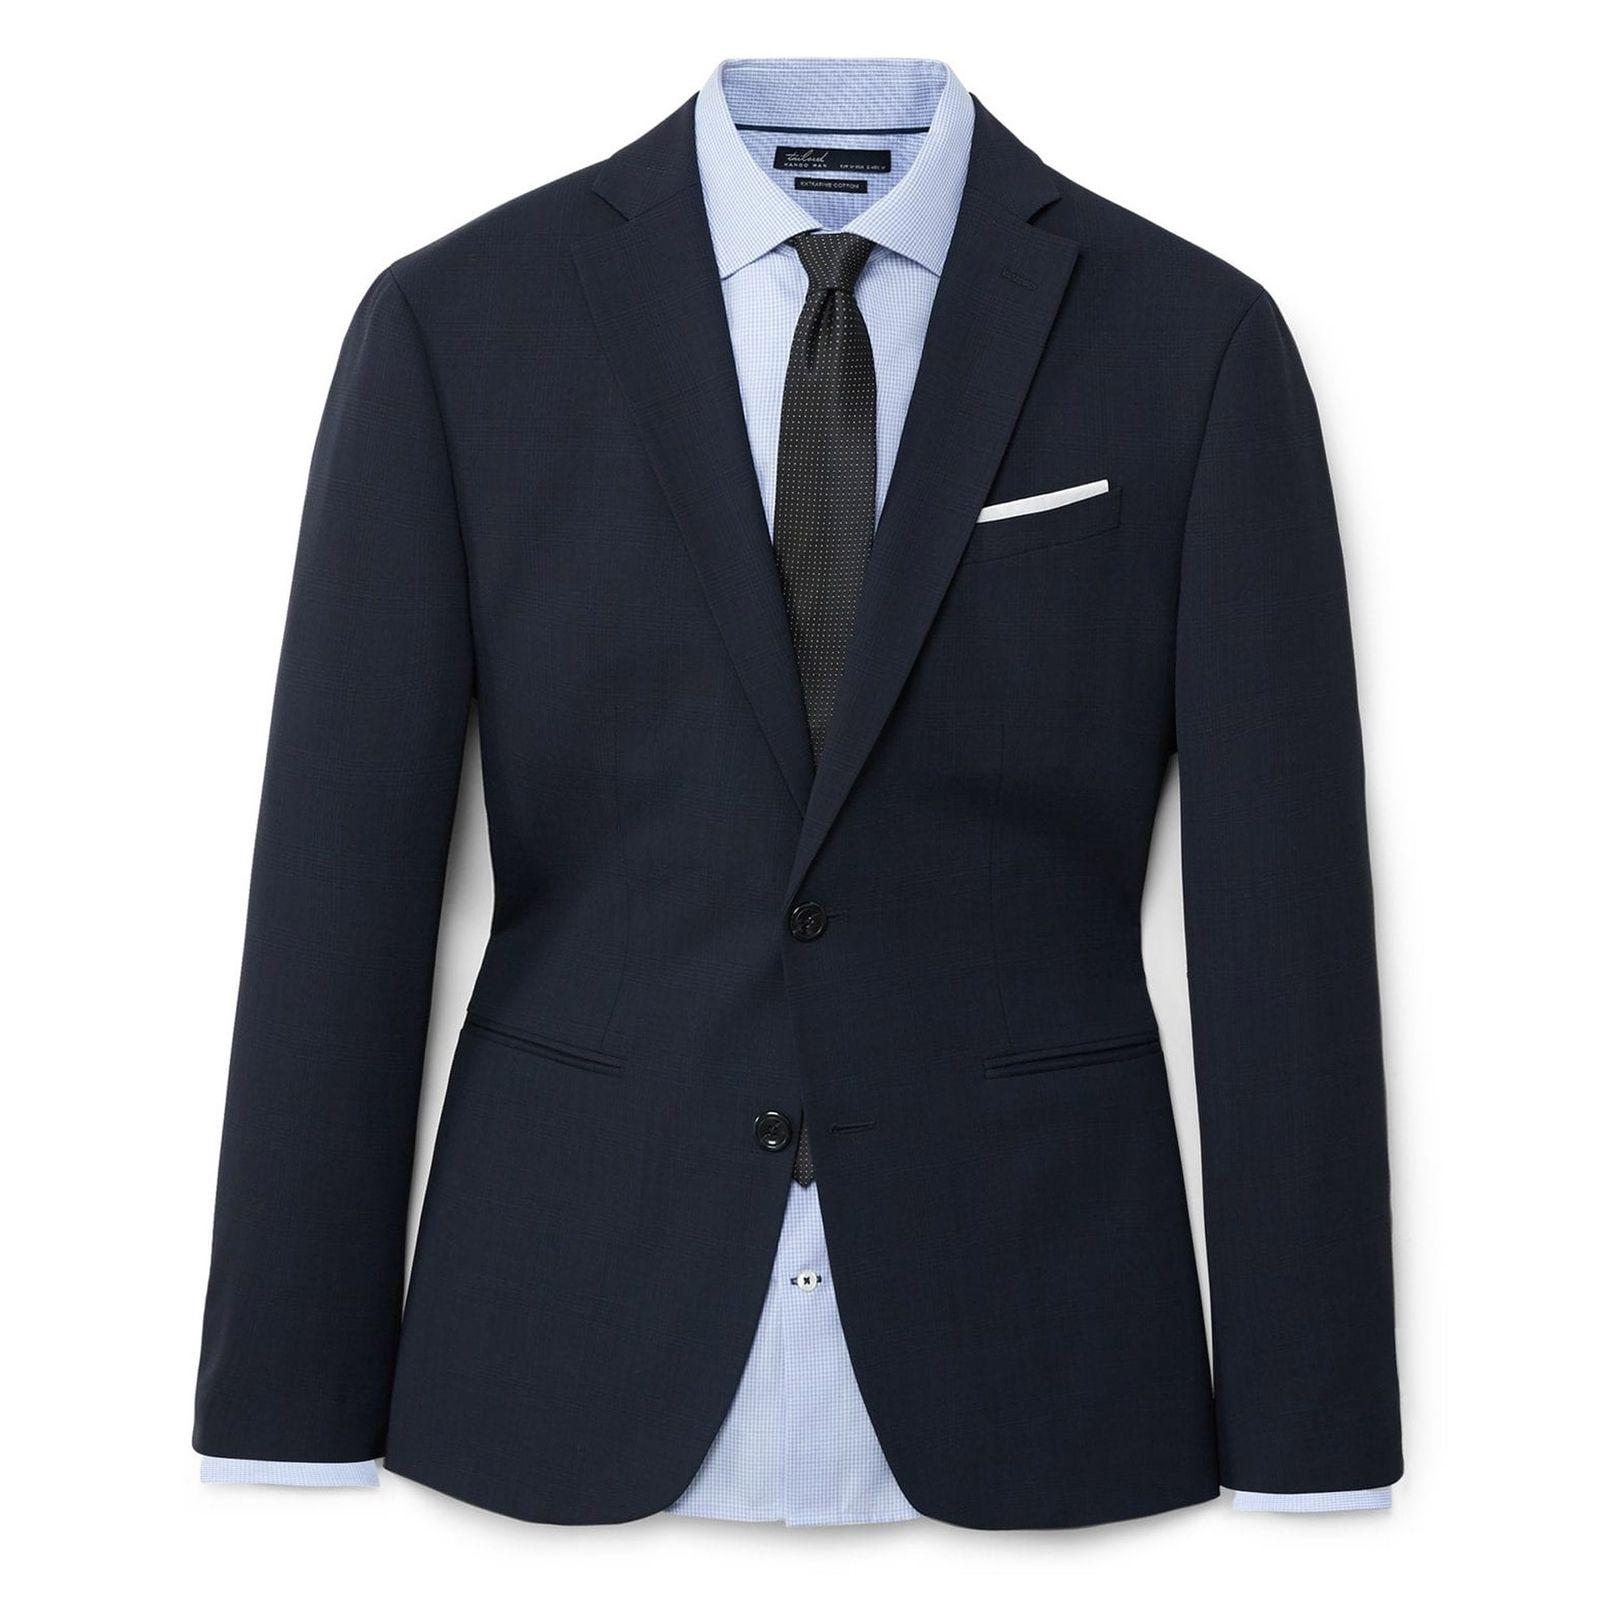 کت تک رسمی مردانه - مانگو - سرمه اي  - 1